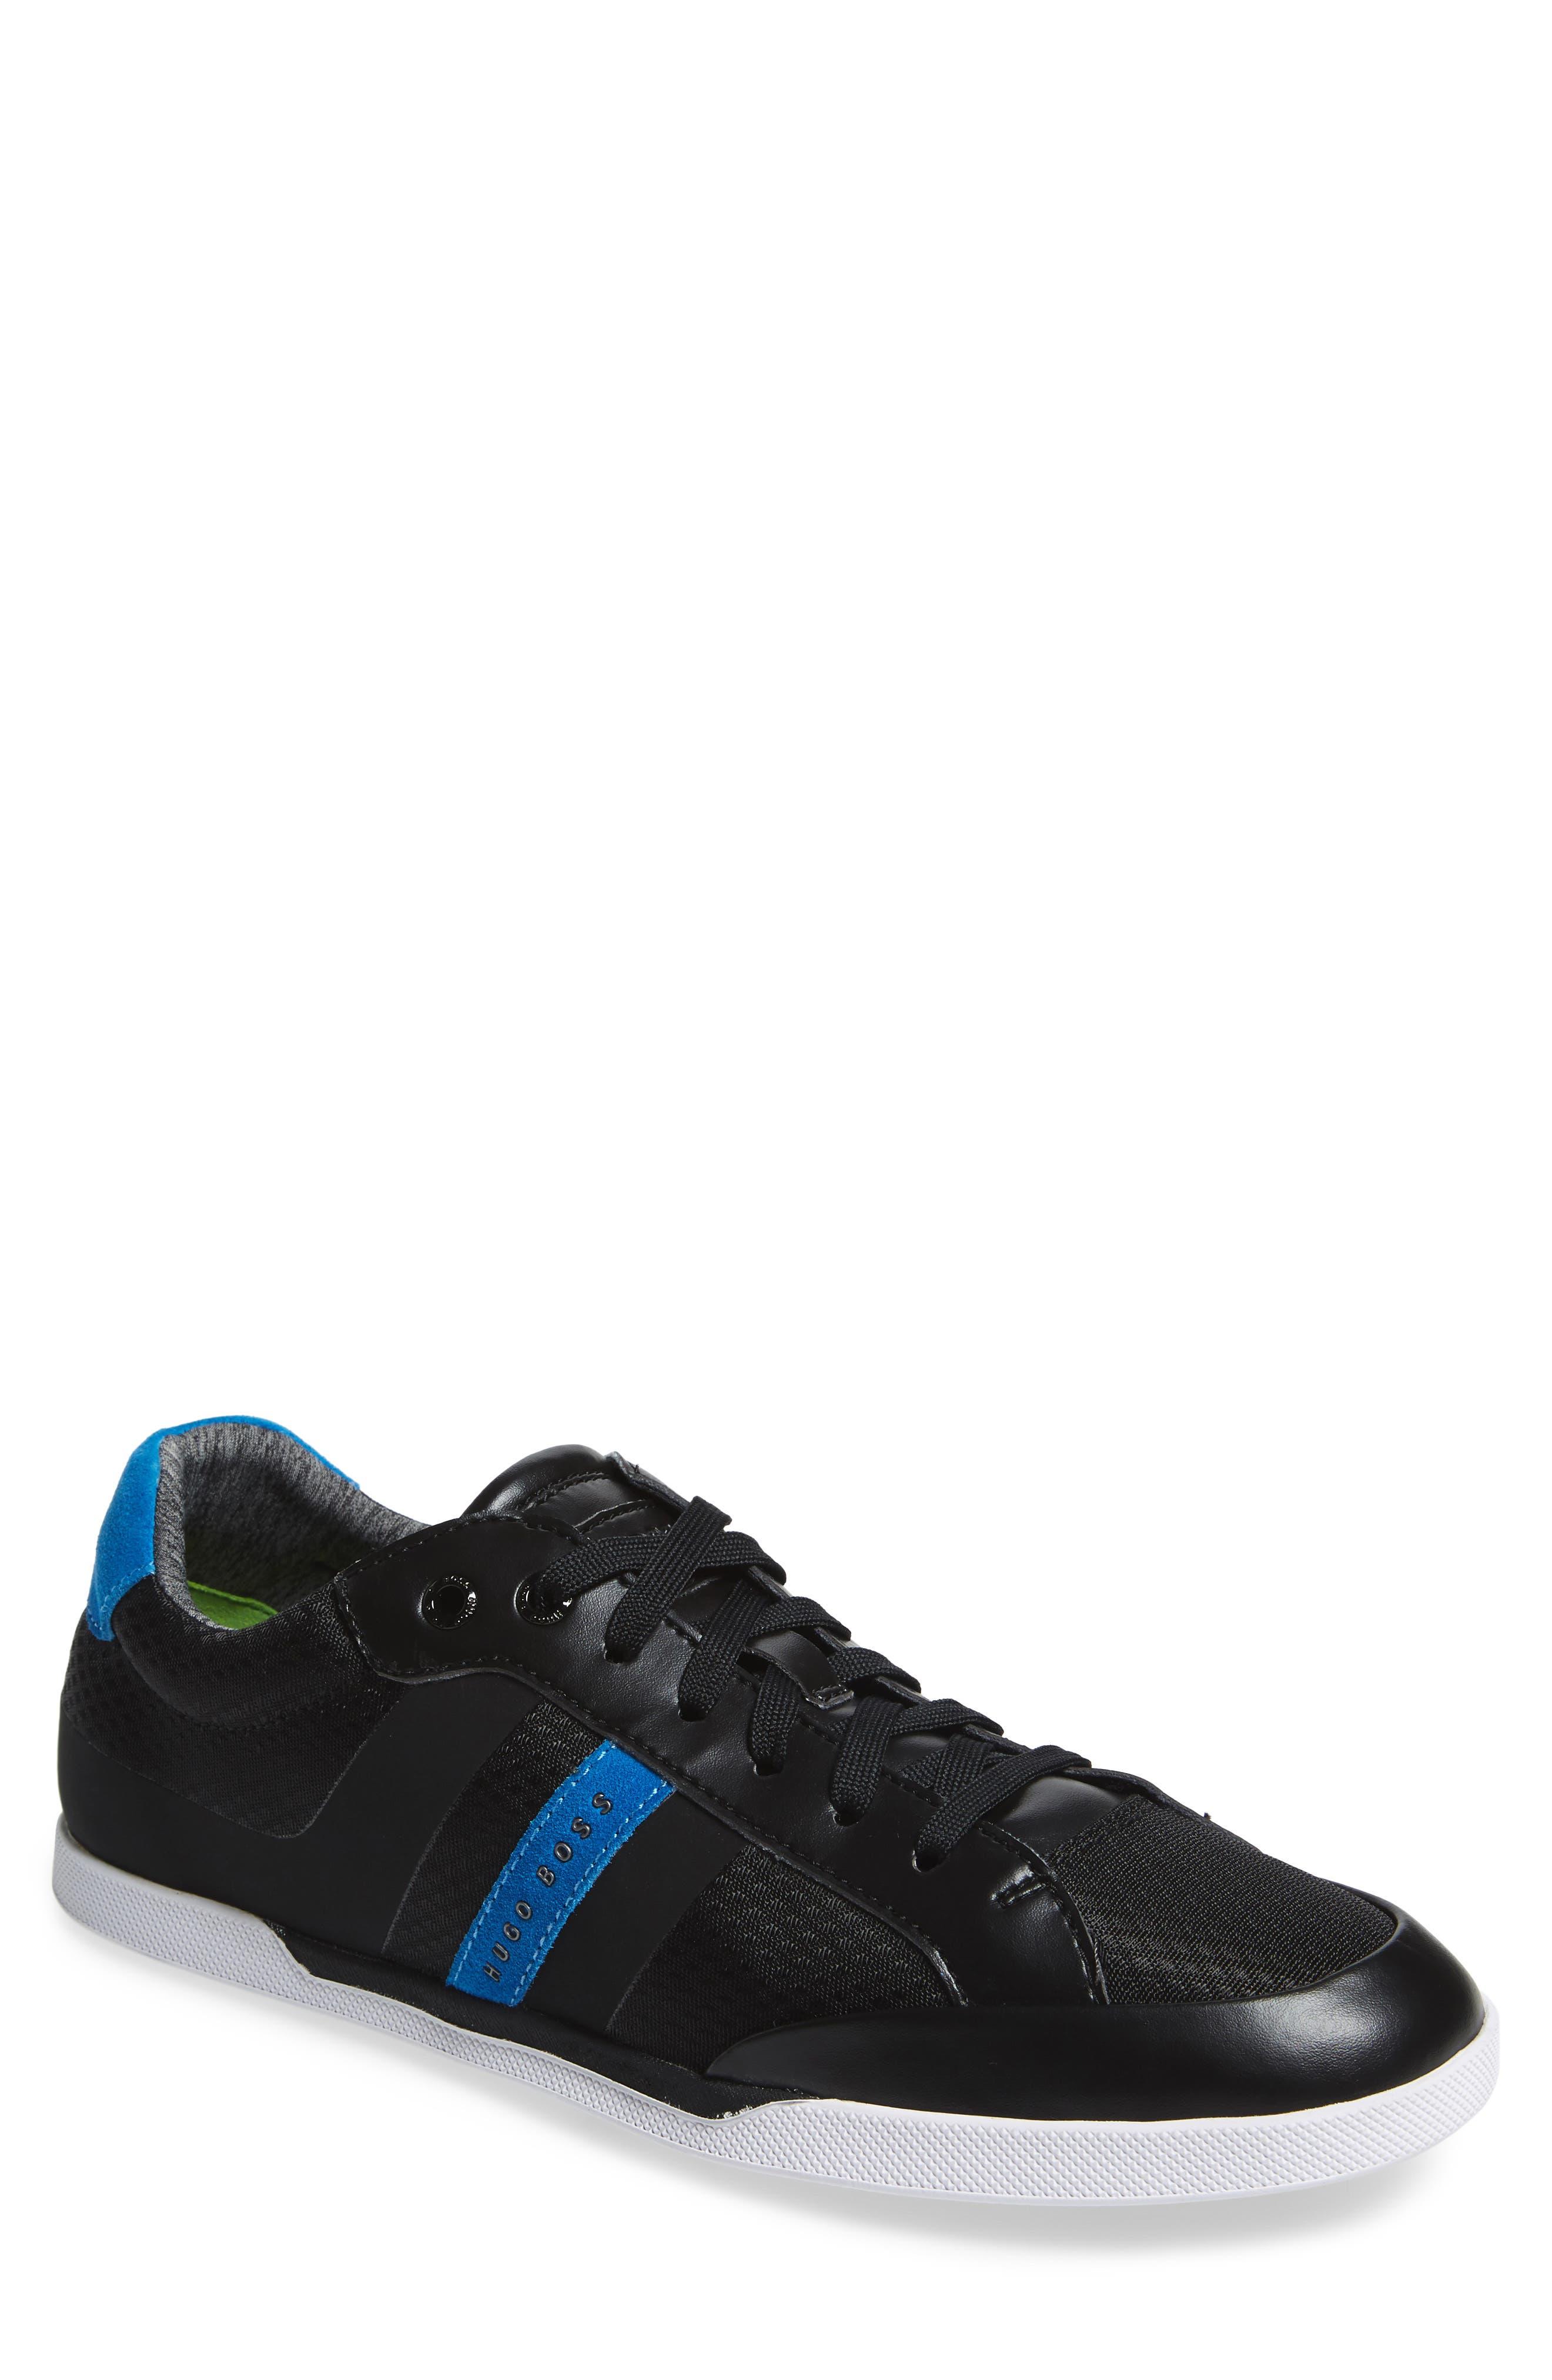 Shuttle Sneaker,                         Main,                         color, Black